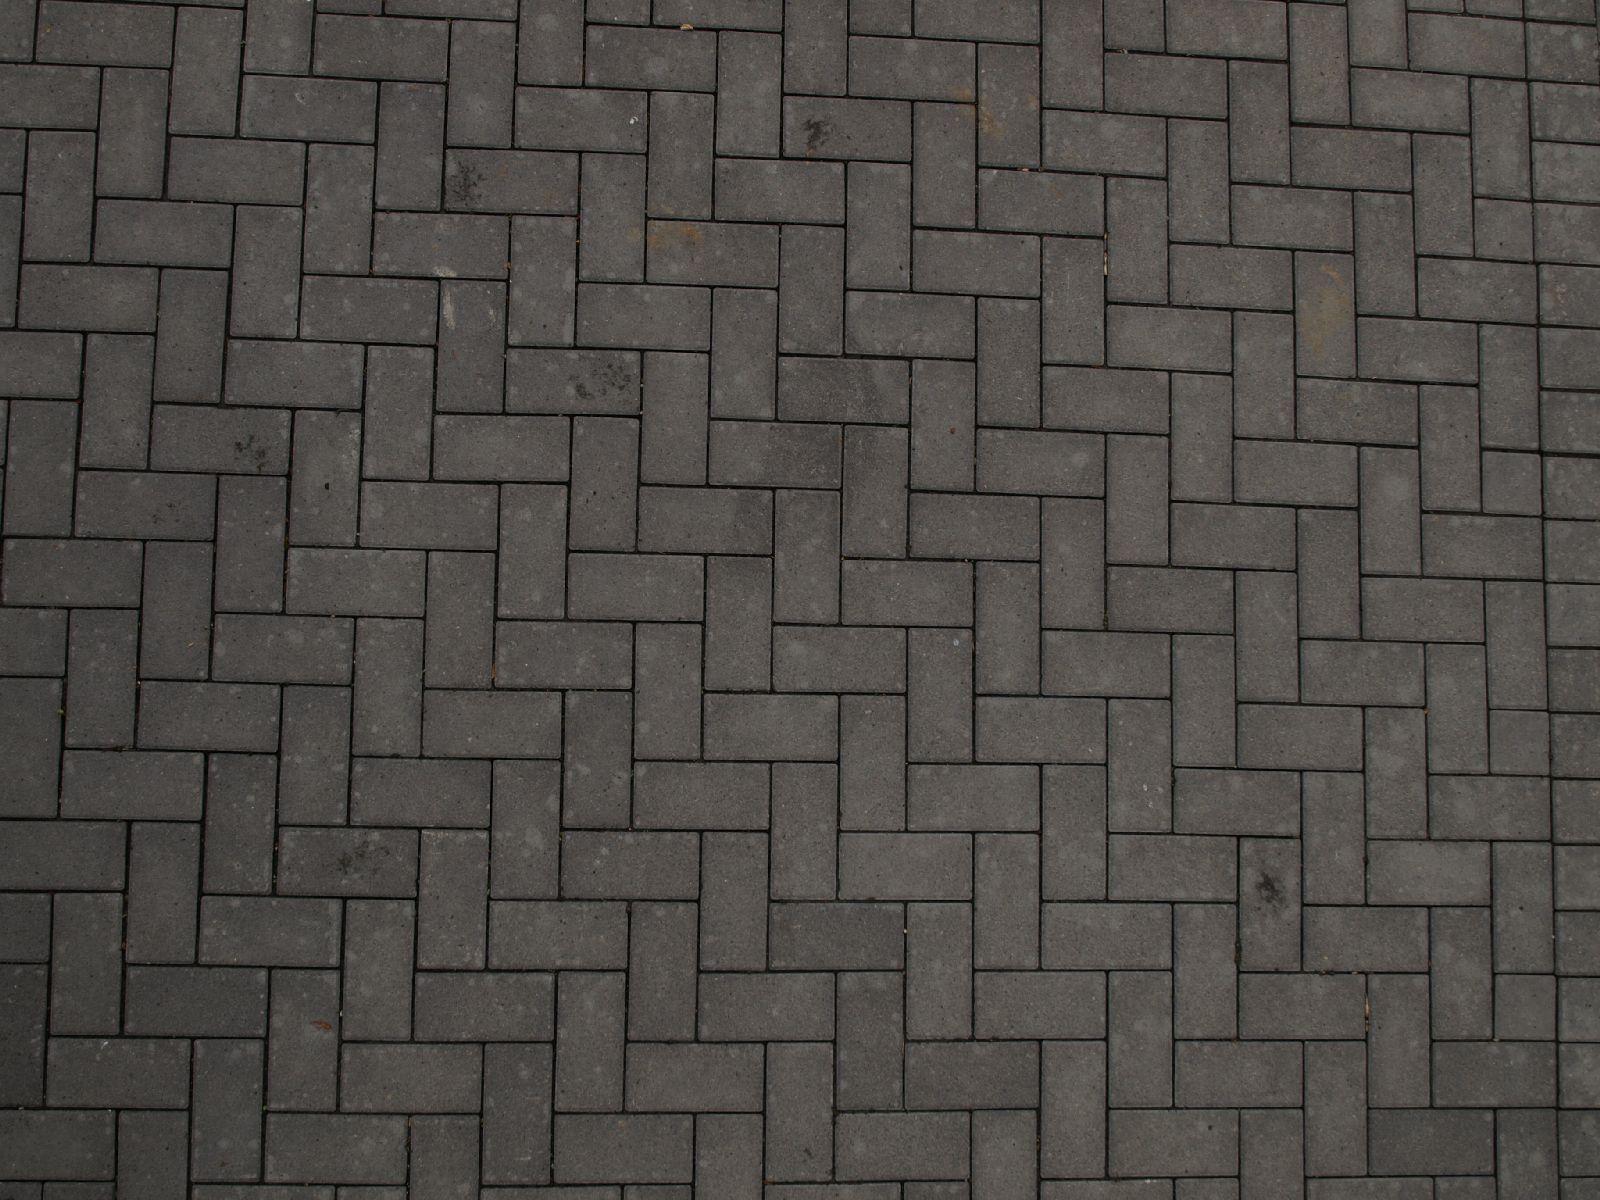 Ground-Urban_Texture_A_P4131213